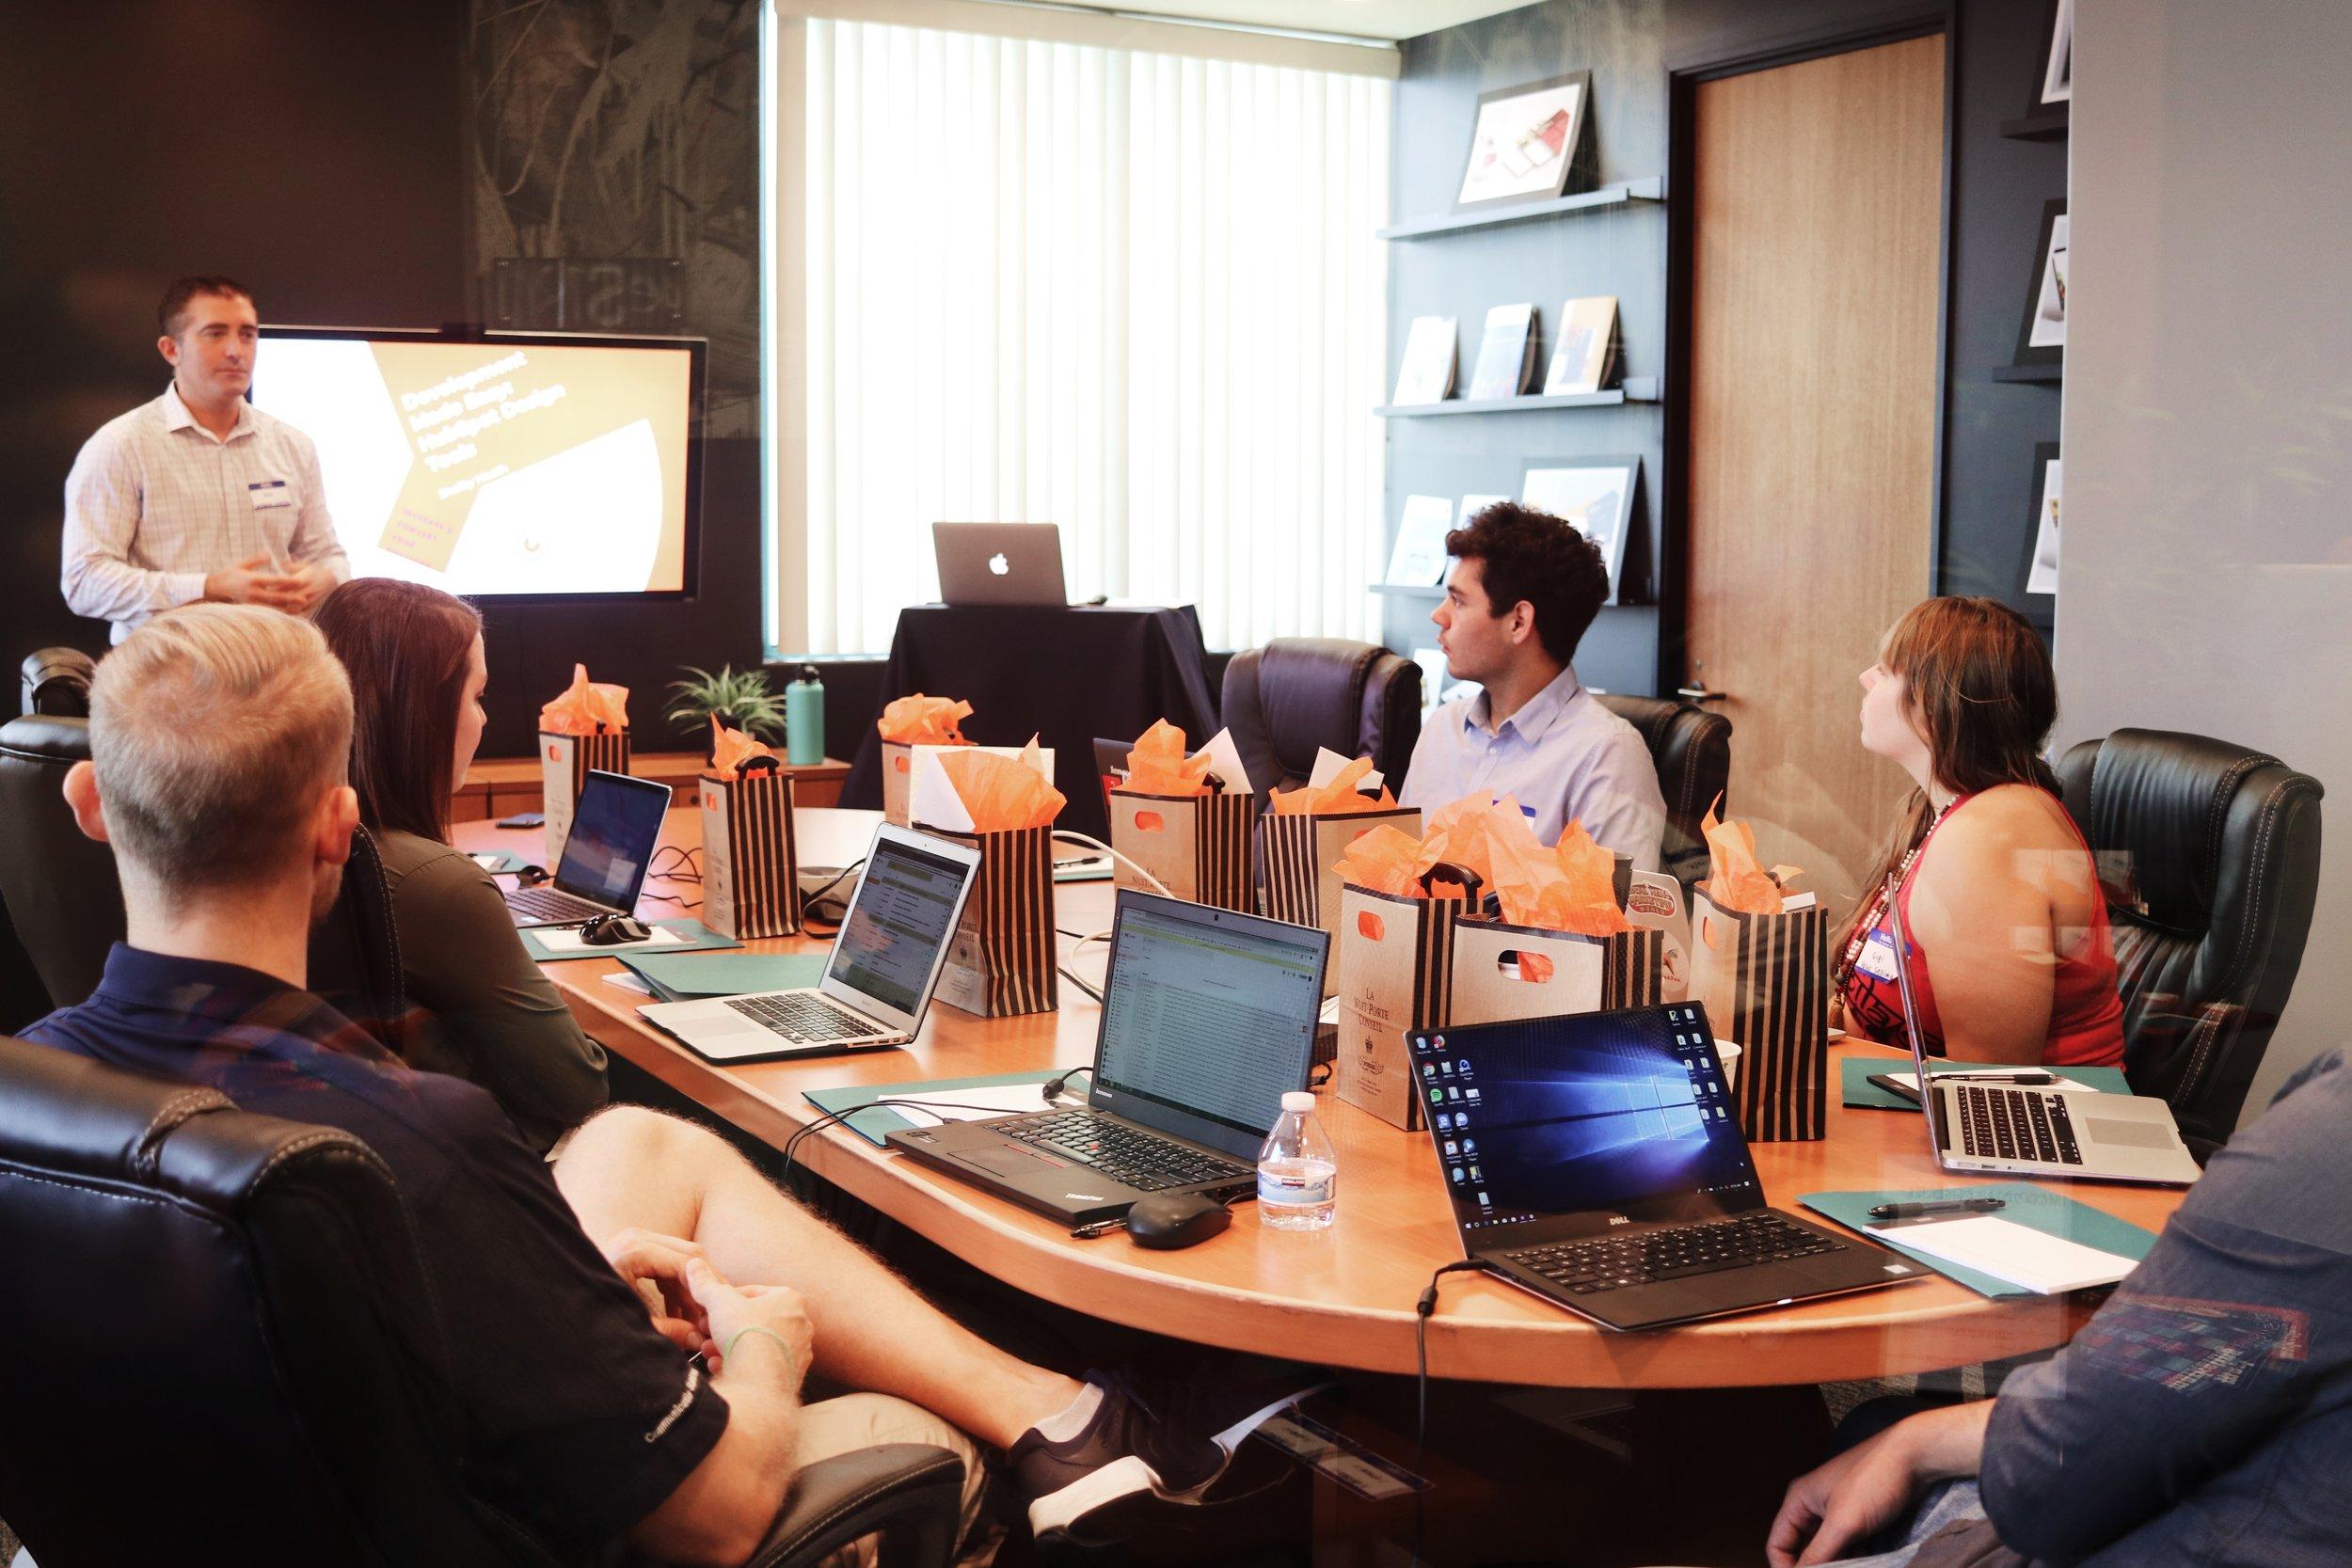 游学系统课程 - 我们邀请常春藤校友、学生会主席、硅谷行业精英举办系统课程,并在加州伯克利本校授课。